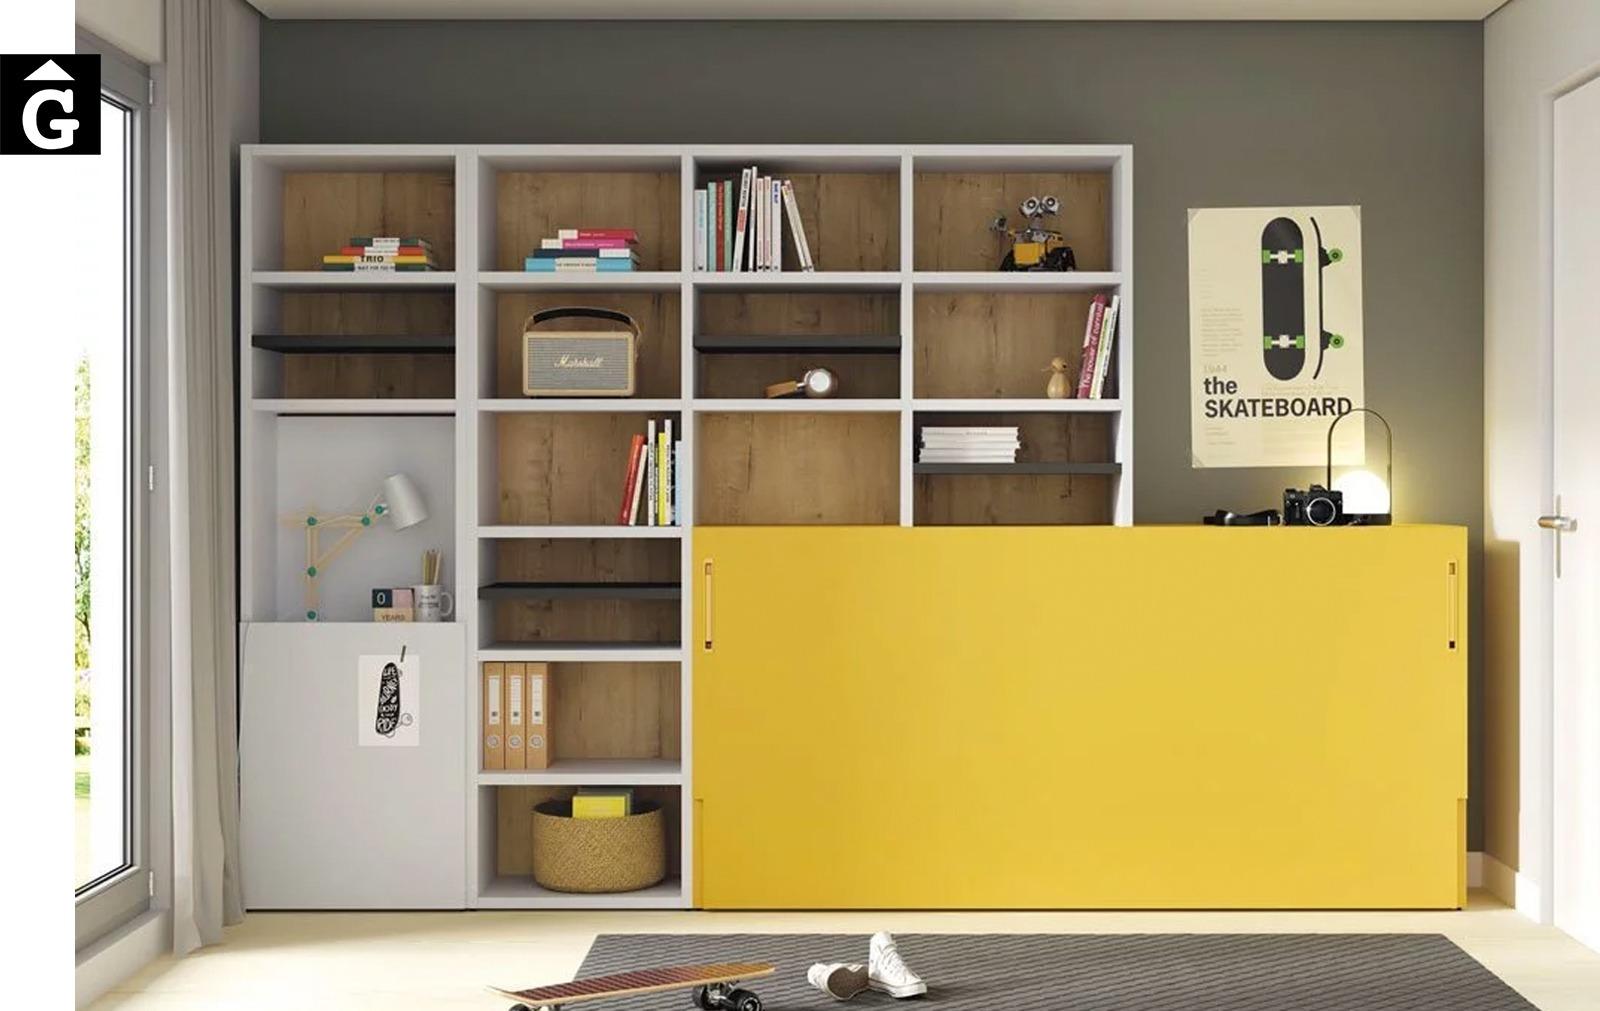 Moble llibreria, llit abatible i taula | Up & Down | llits abatibles | Pràctics, saludables i segurs | Jotajotape | mobles Gifreu